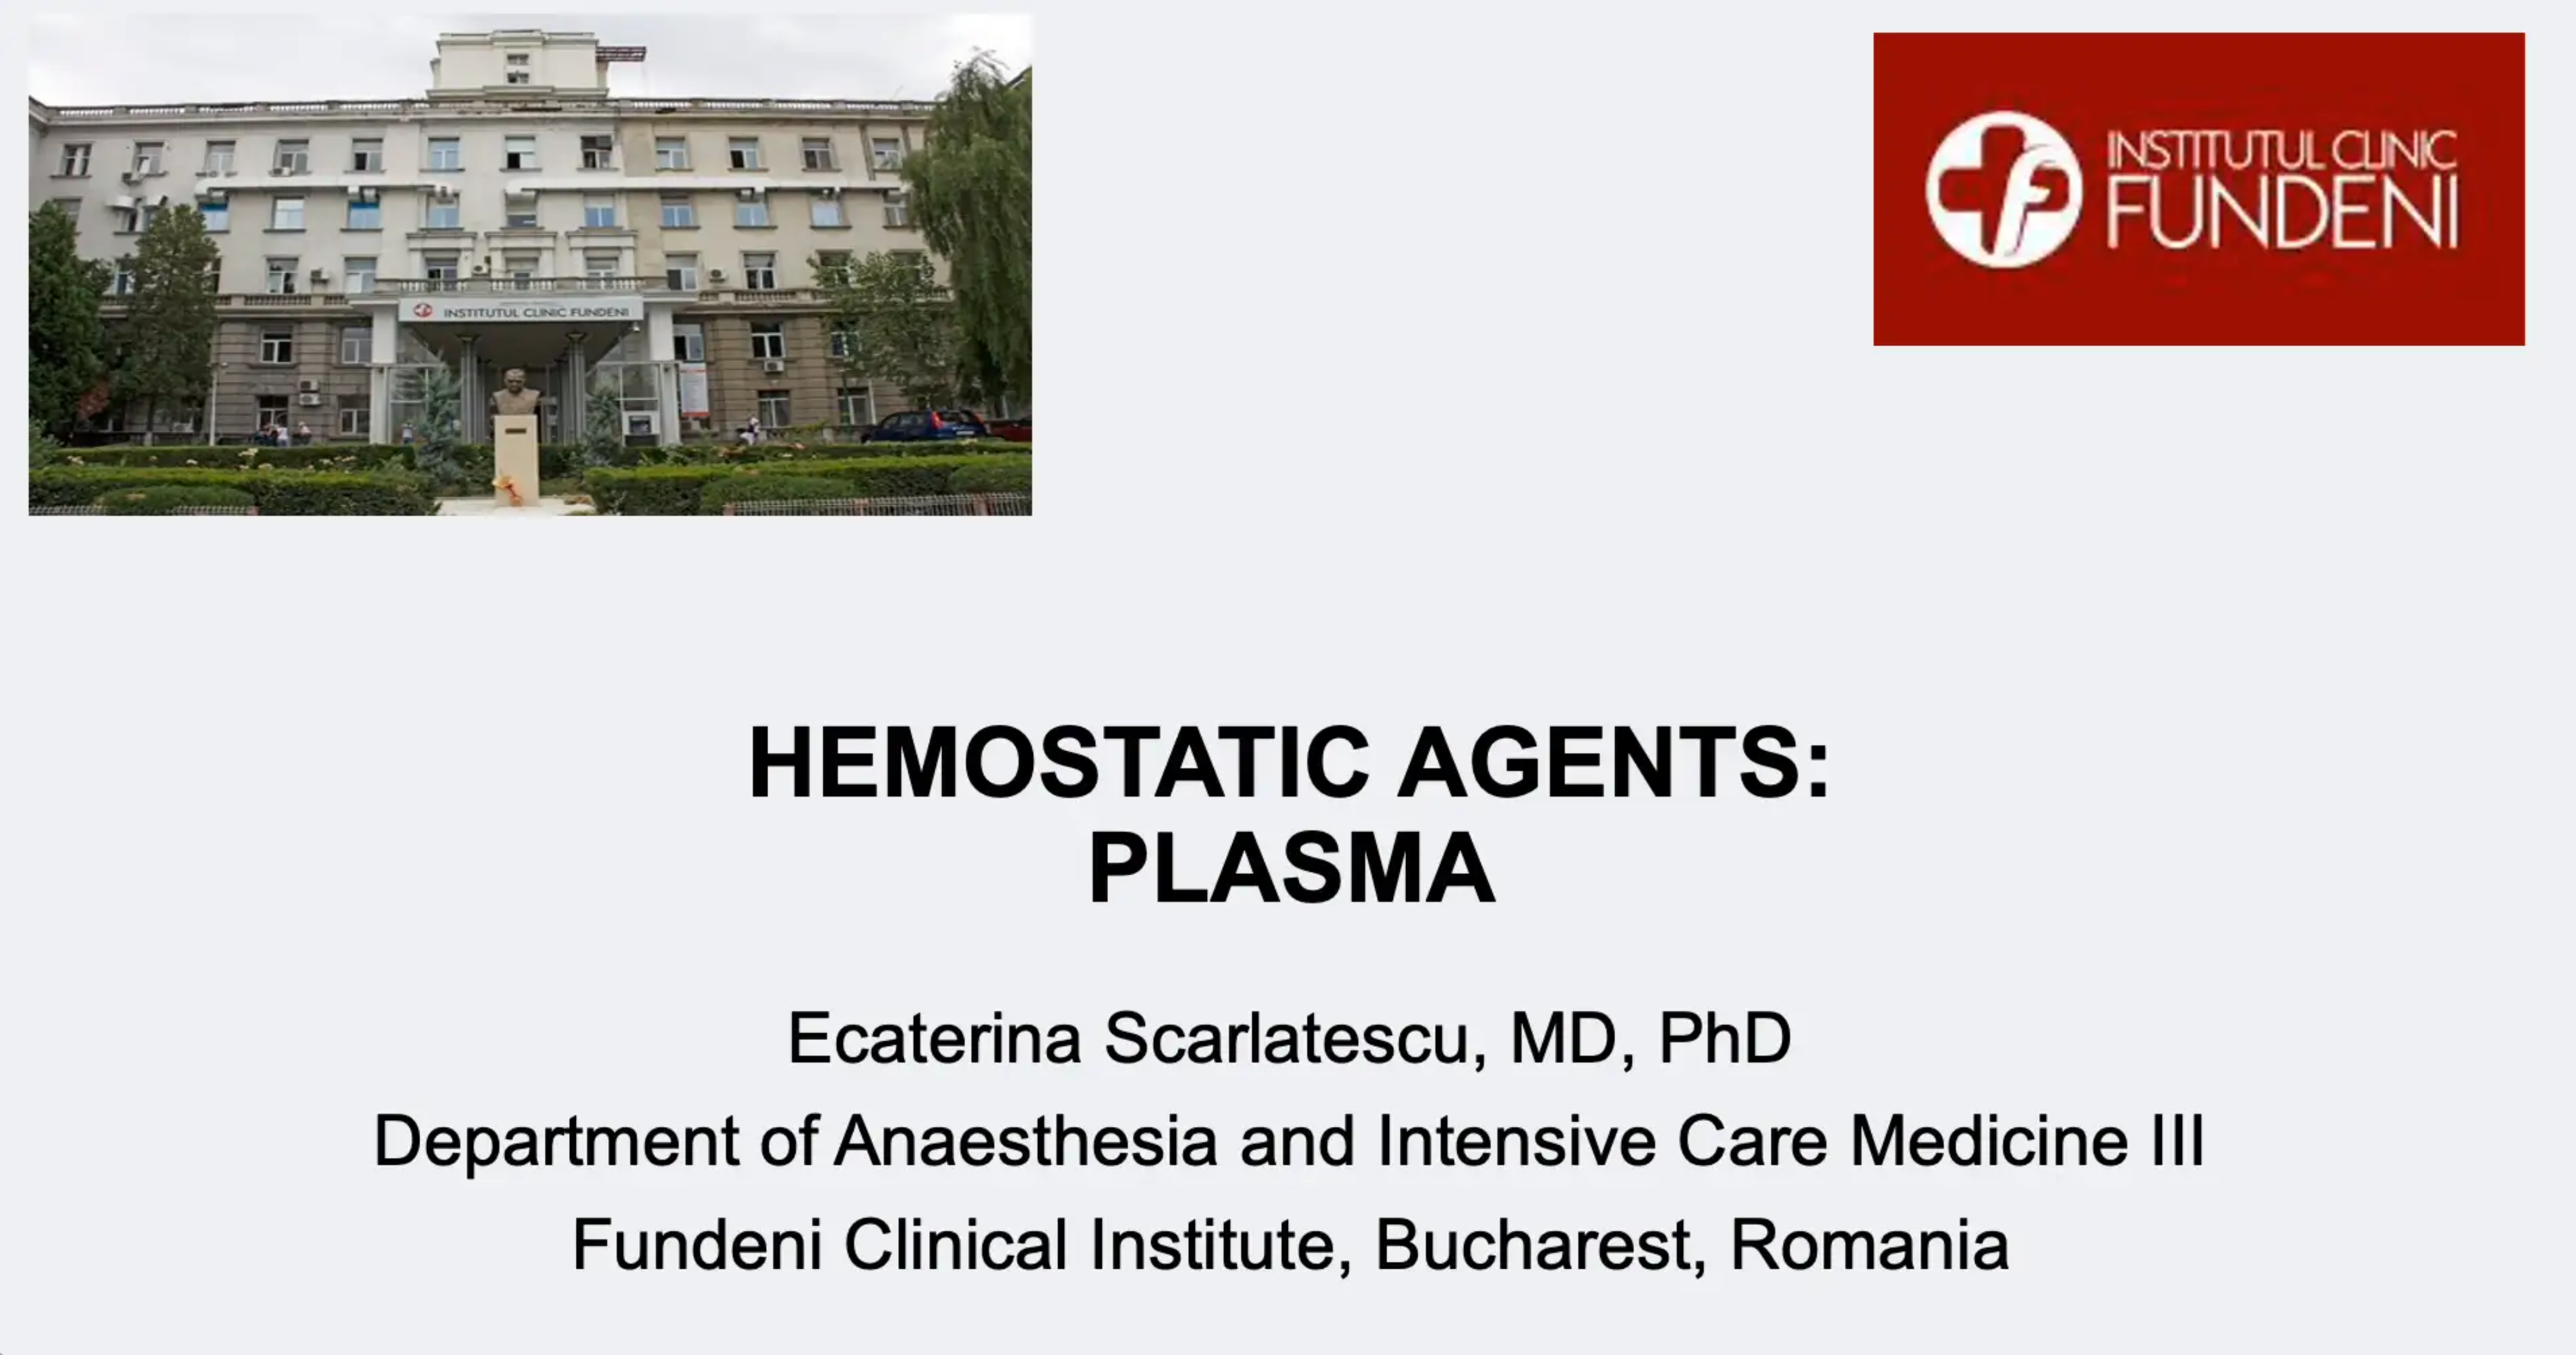 Haemostatic Agents - Plasma Katy